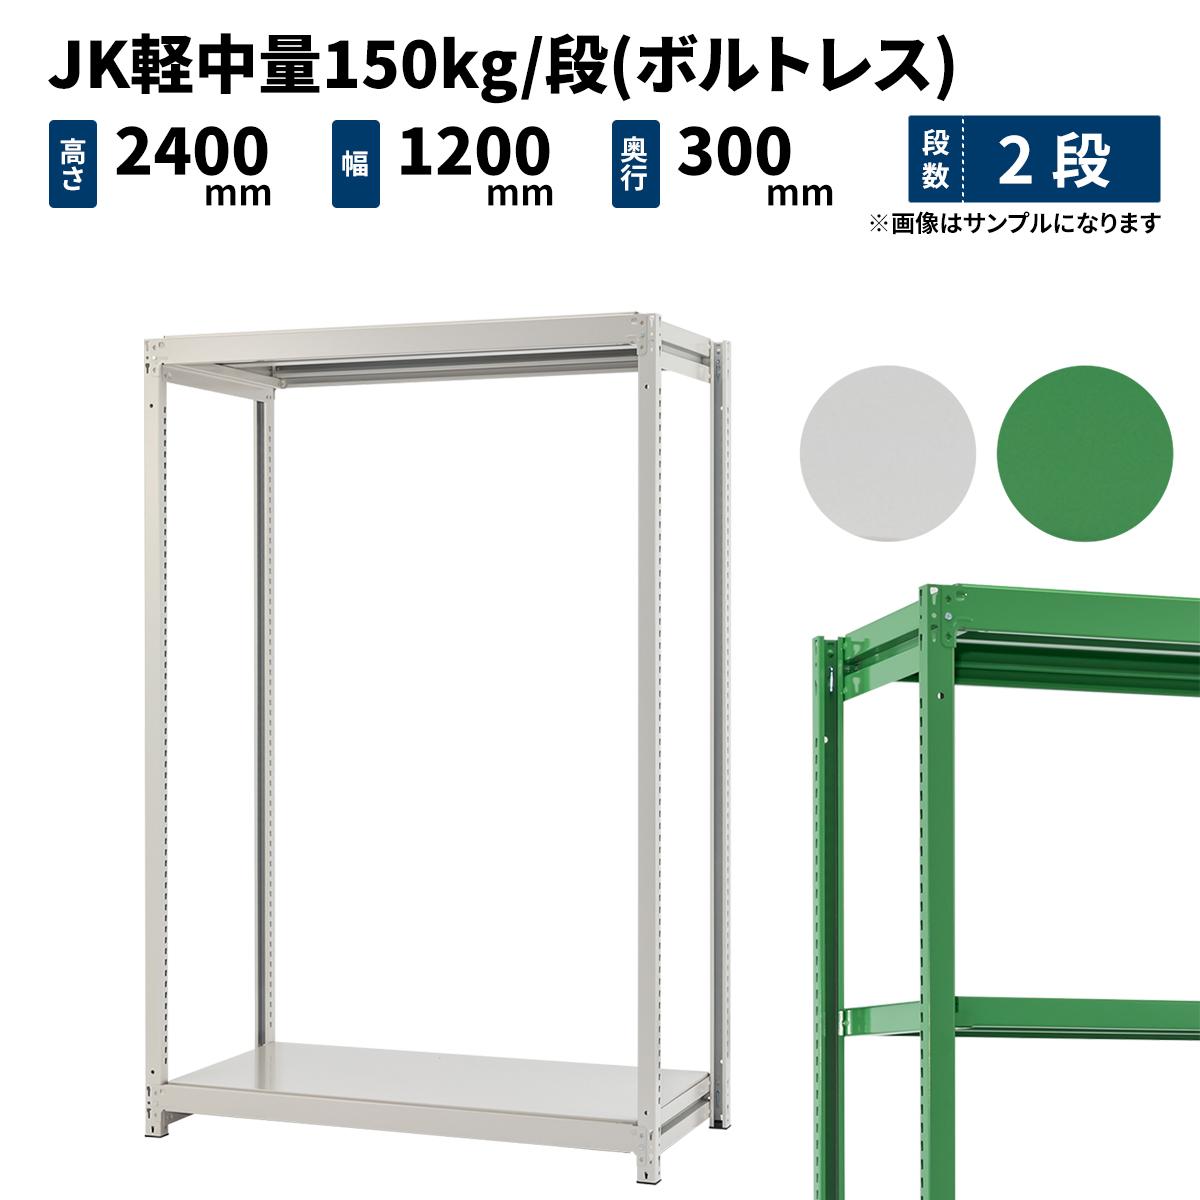 スチールラック 業務用 JK軽中量150kg/段(ボルトレス) 単体形式 高さ2400×幅1200×奥行300mm 2段 ホワイトグレー/グリーン (30kg) JK150_T-241203-2